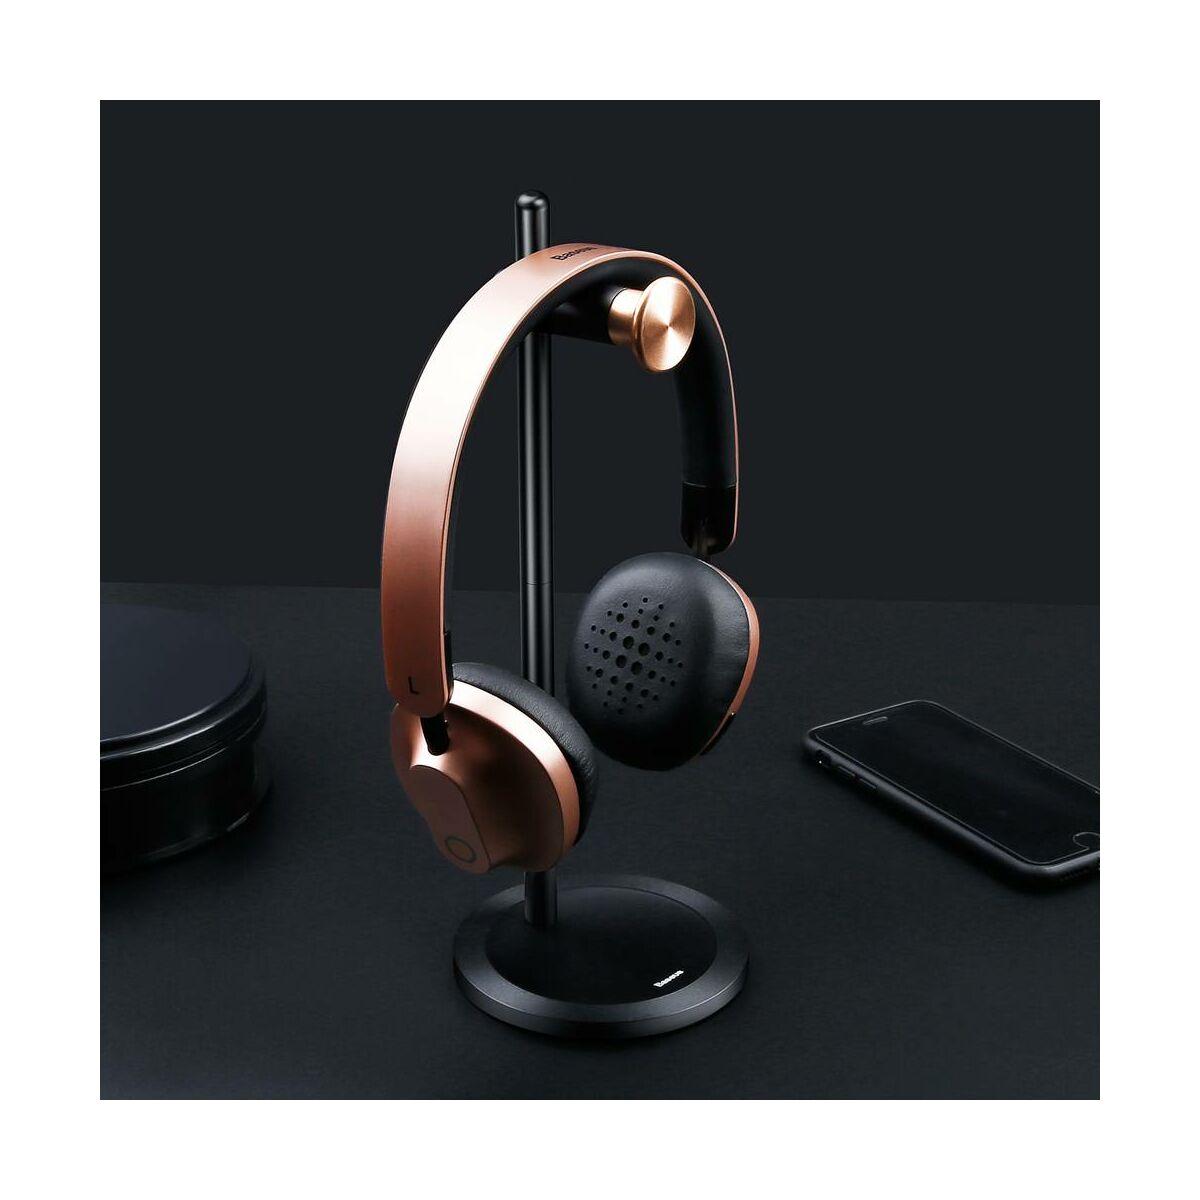 Baseus fejhallgató/fülhallgató, tartó, Encok DB01, fekete (SUDB01-01)